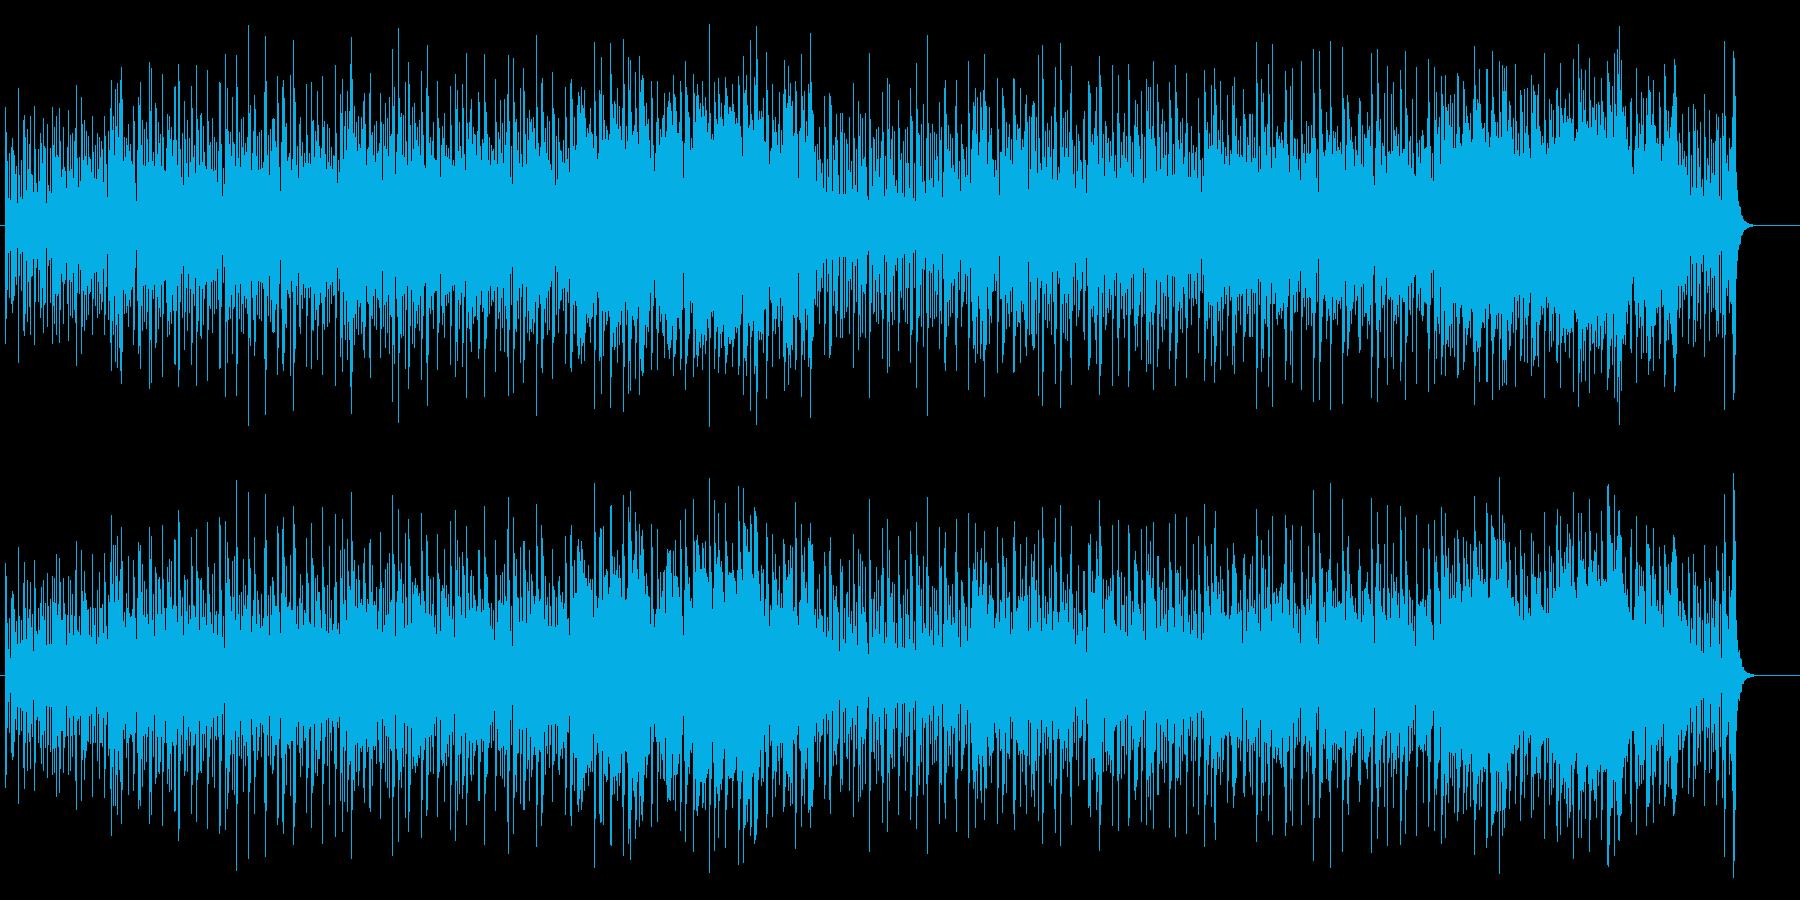 ドキュメンタリー風マイナーフュージョンの再生済みの波形